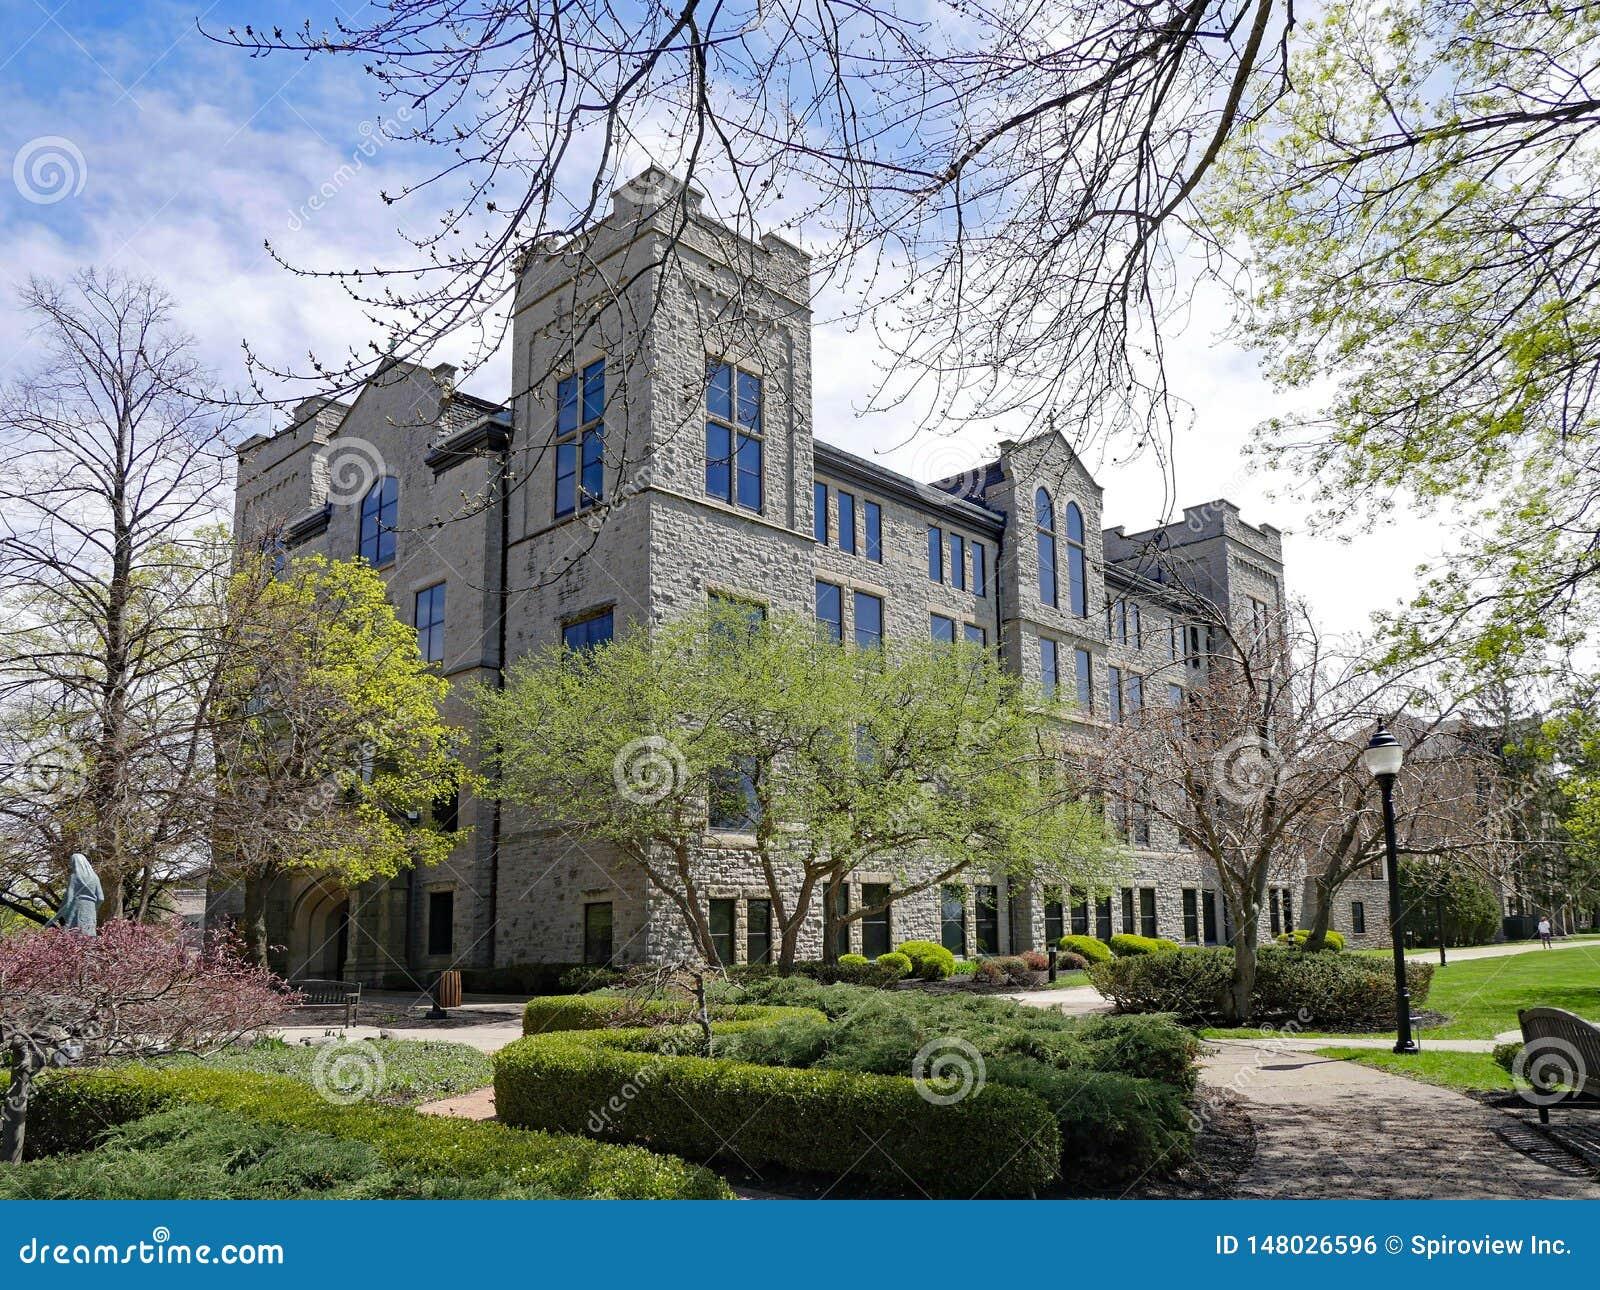 Niagara Falls Ny Niagara University Campus Stock Photo